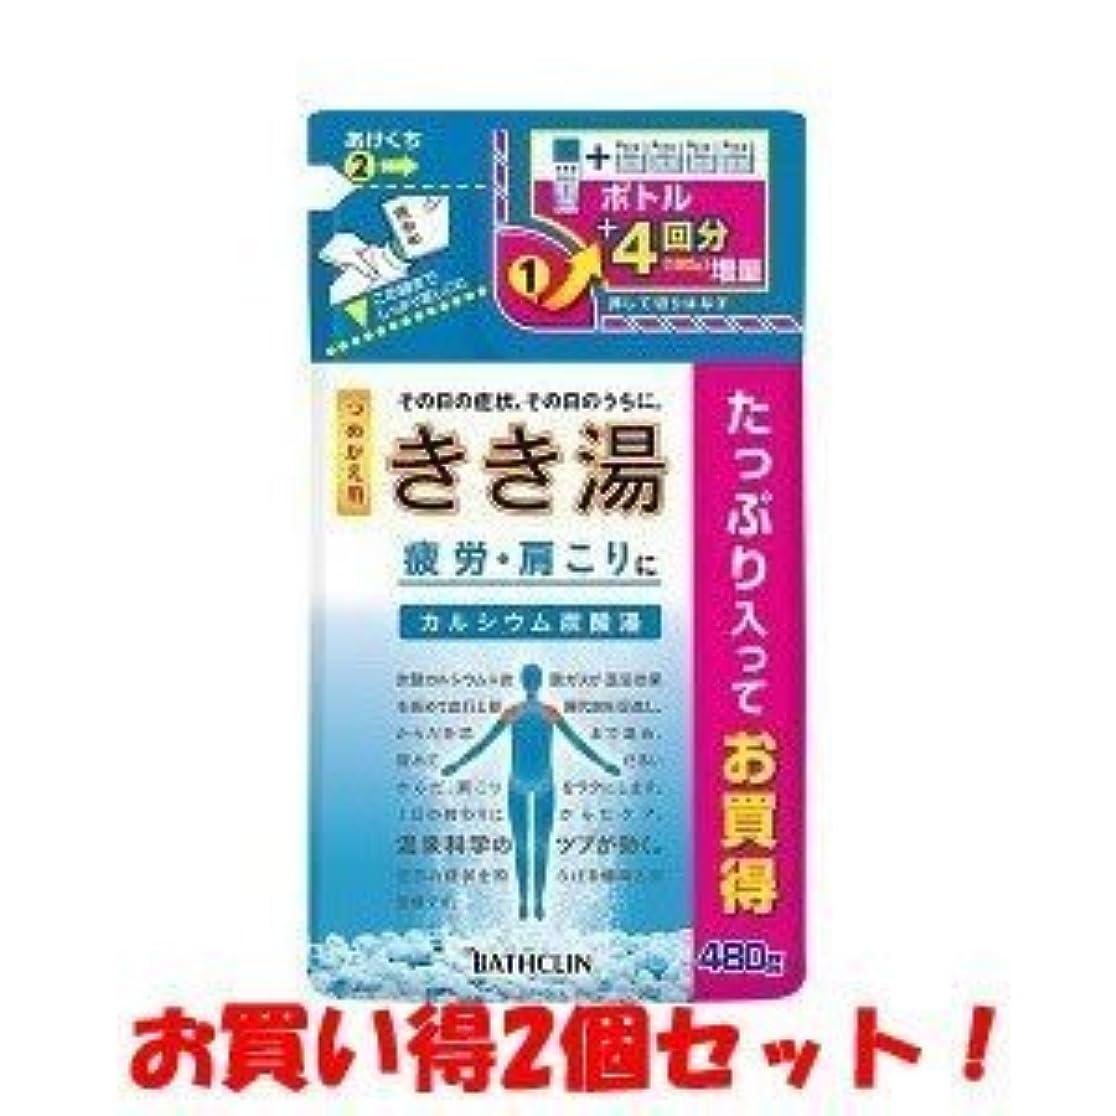 勝者それる経度(バスクリン)きき湯 カルシウム炭酸湯 つめかえ用 480g(医薬部外品)(お買い得2個セット)